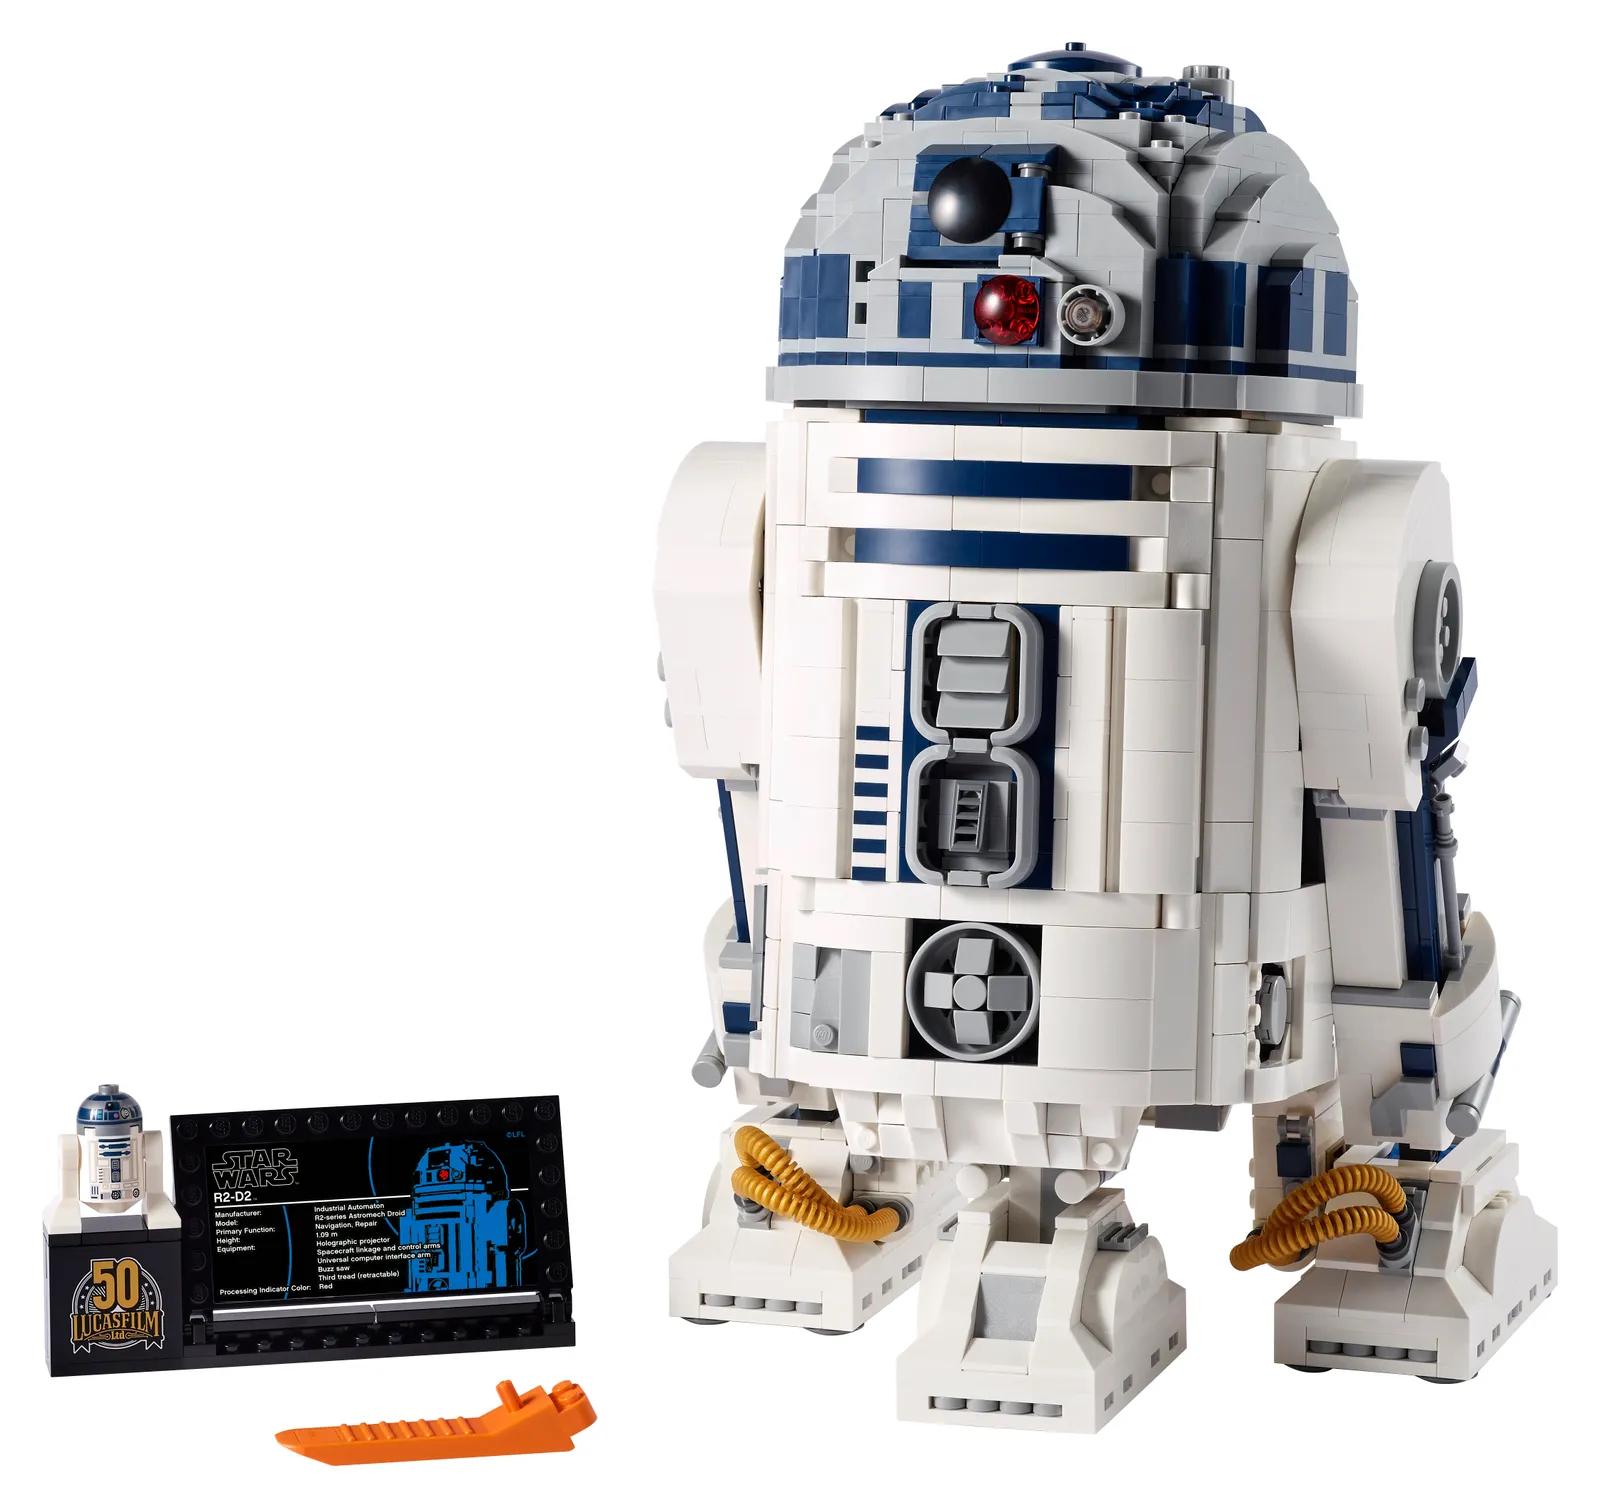 Lego R2-D2 models